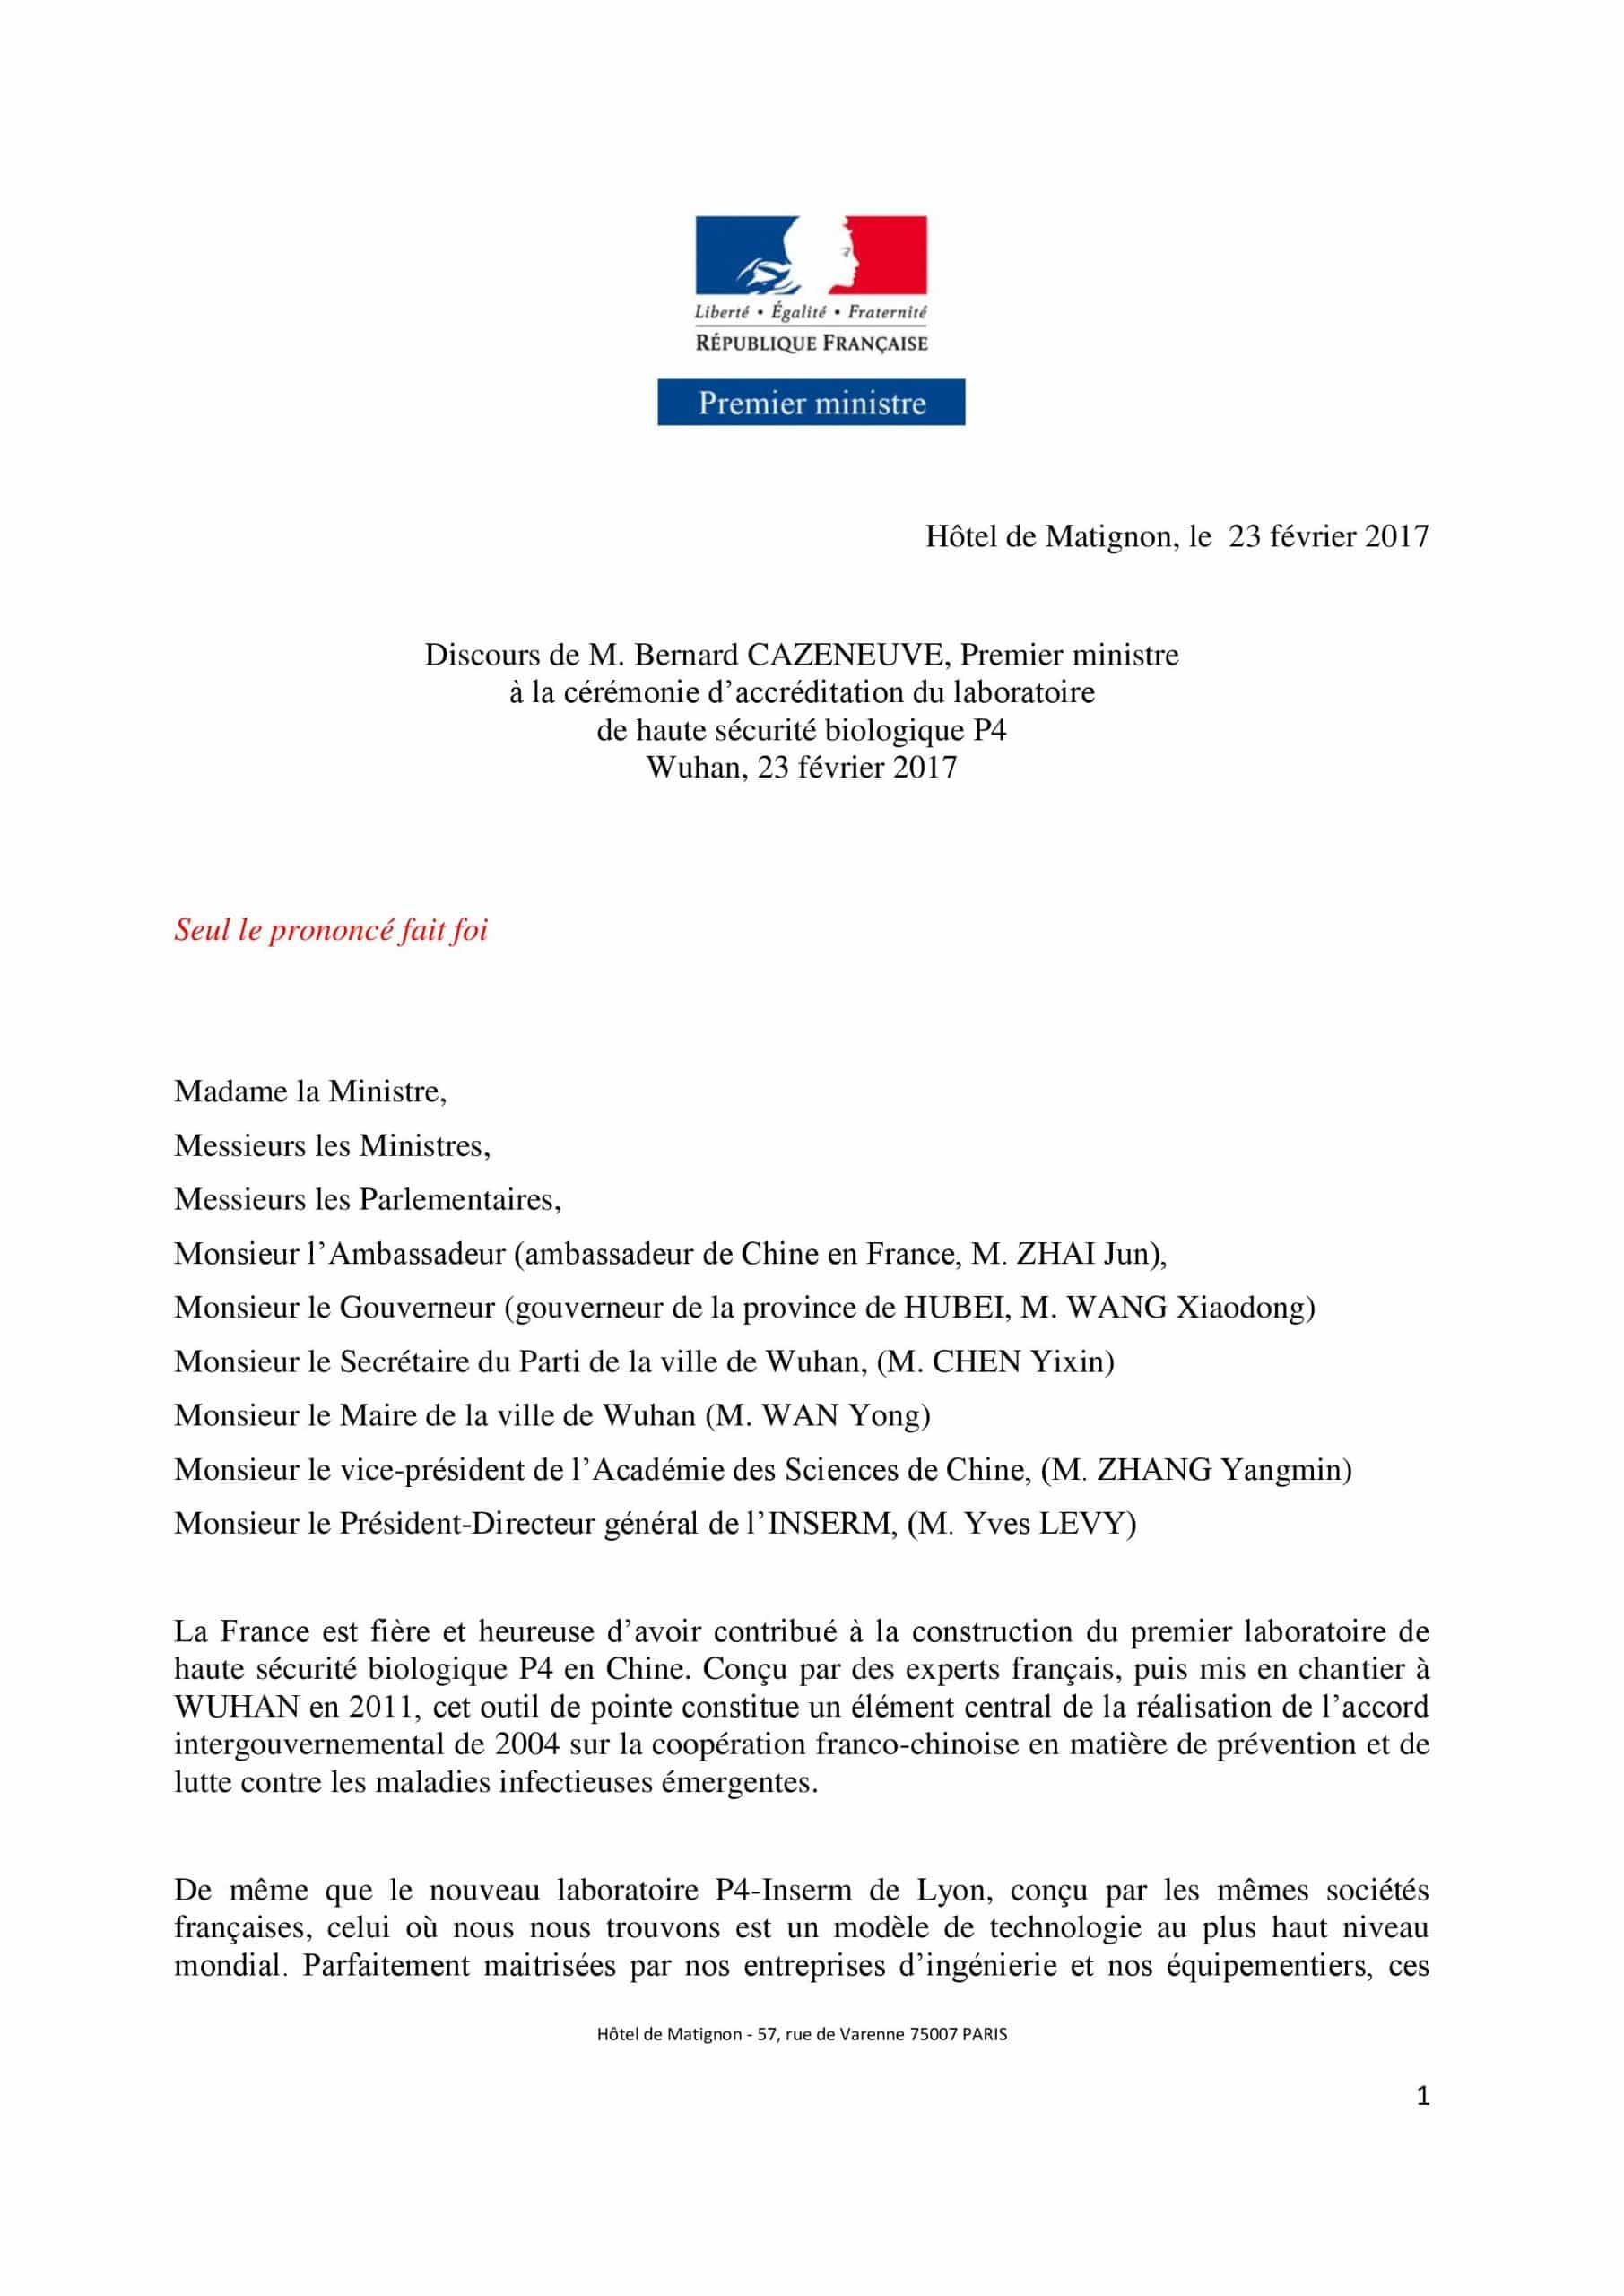 23.02.2017_discours_de_m._bernard_cazeneuve_premier_ministre_-_ceremonie_daccreditation_du_laboratoire_de_haute_securite_biologique_p4-page-001